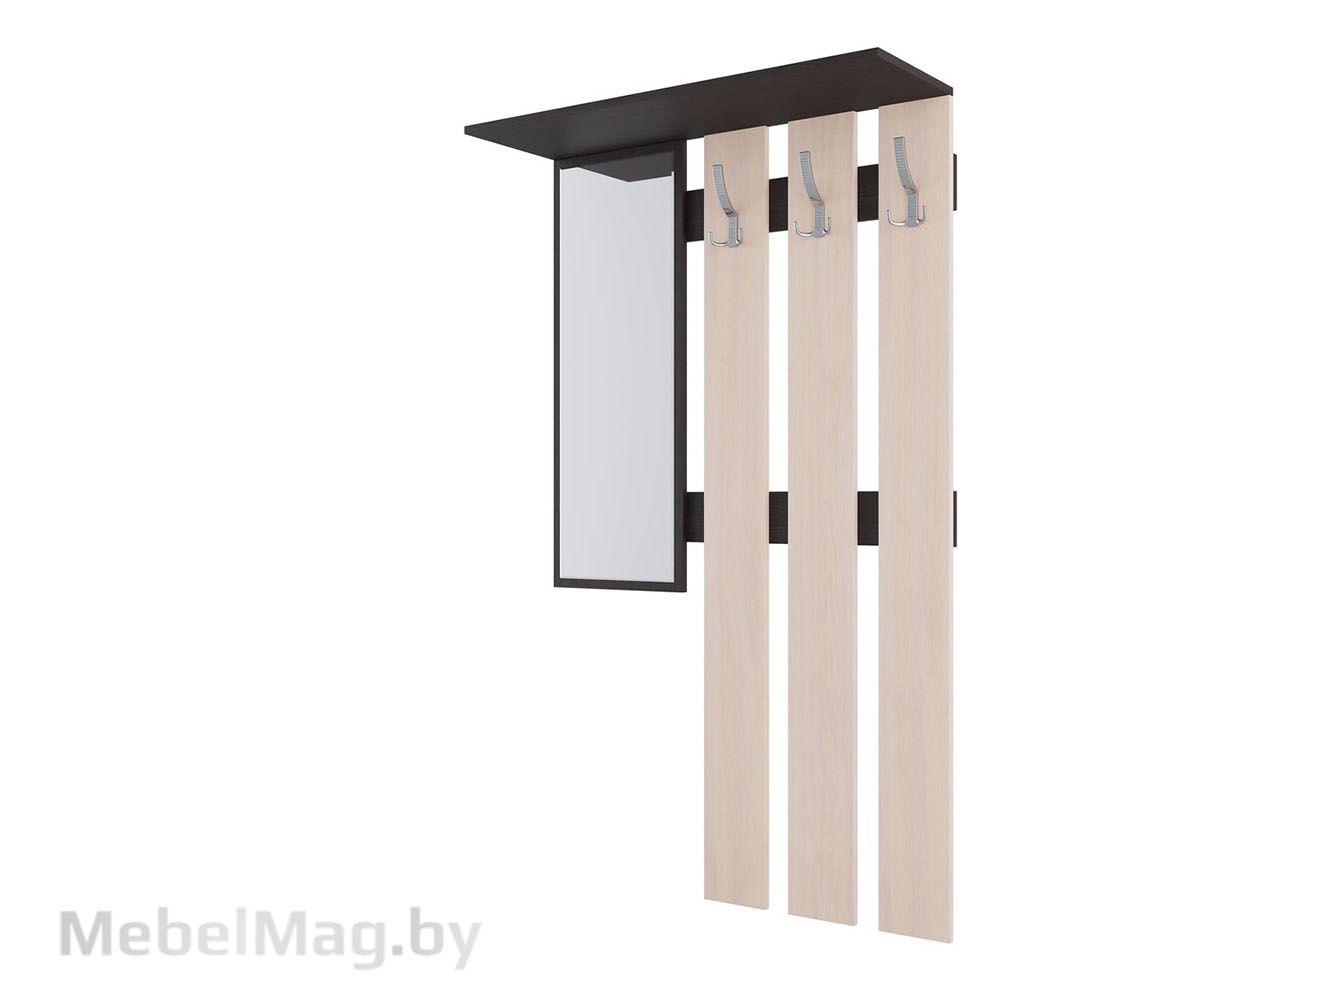 Вешалка с зеркалом Дуб Венге/Дуб млечный - Прихожая №2